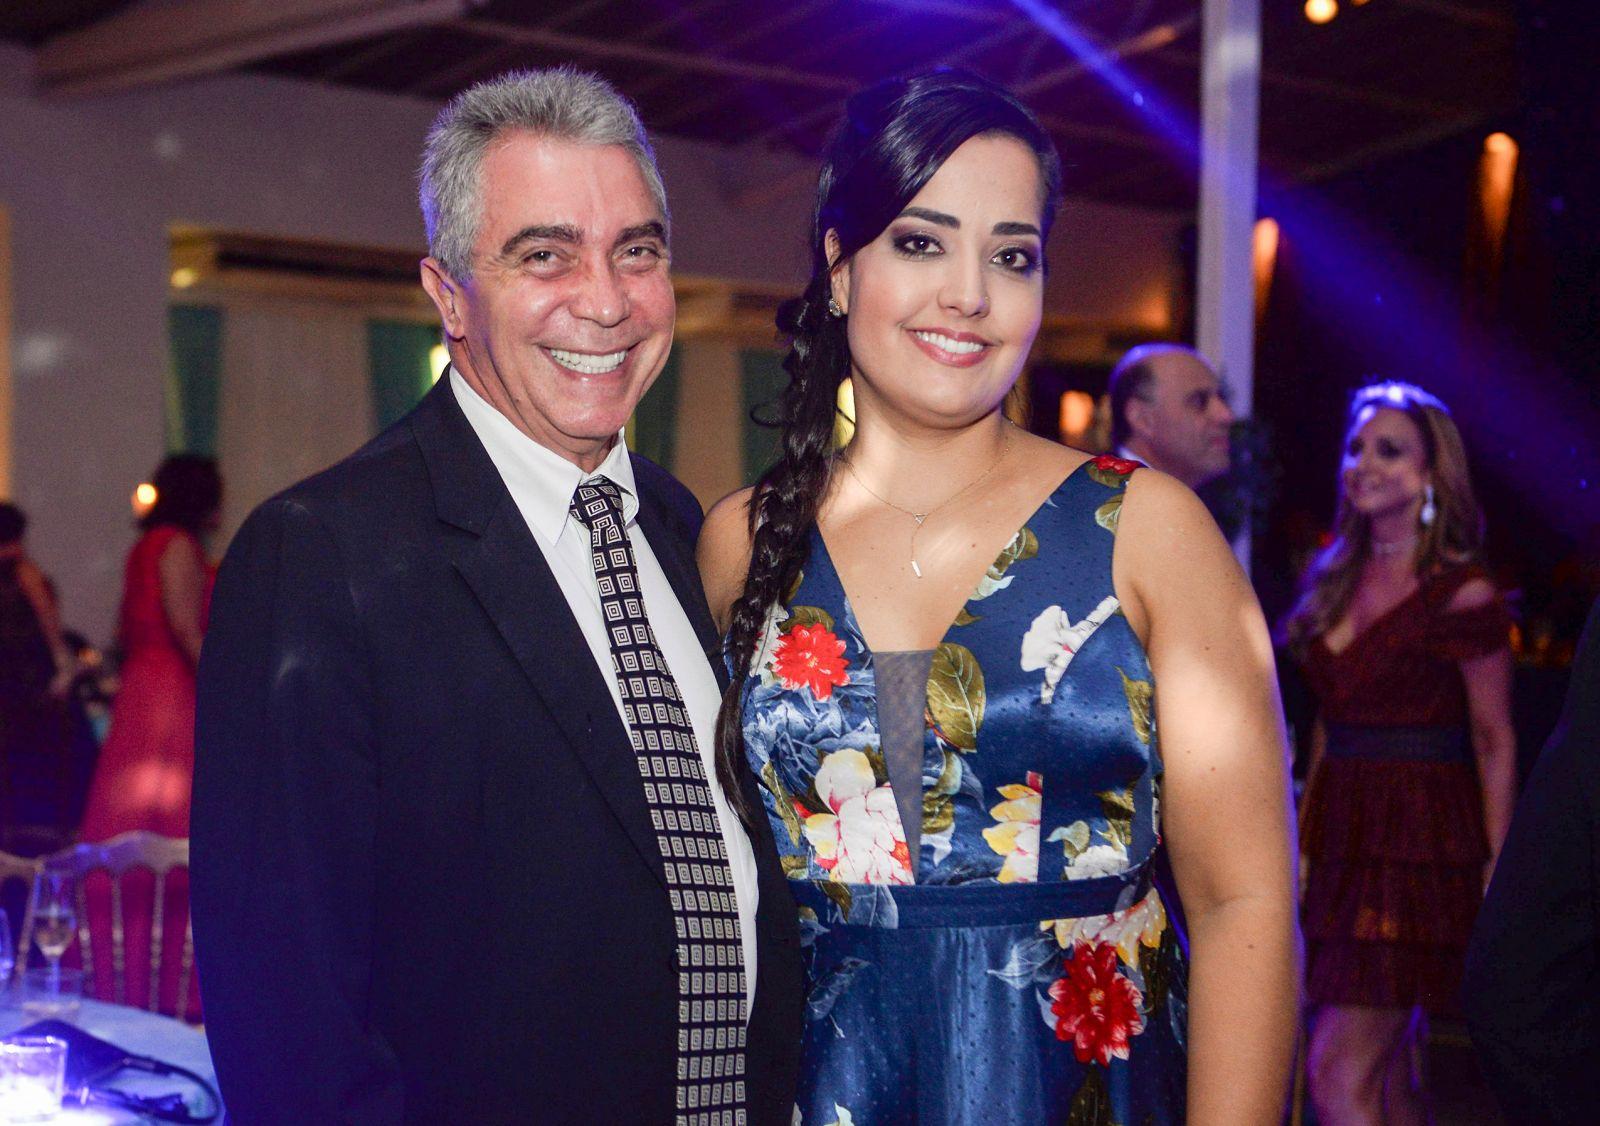 Remo Pace é o cirurgião Dentista destaque de hoje, na foto ele está com a sua esposa a advogada Fernanda Abib